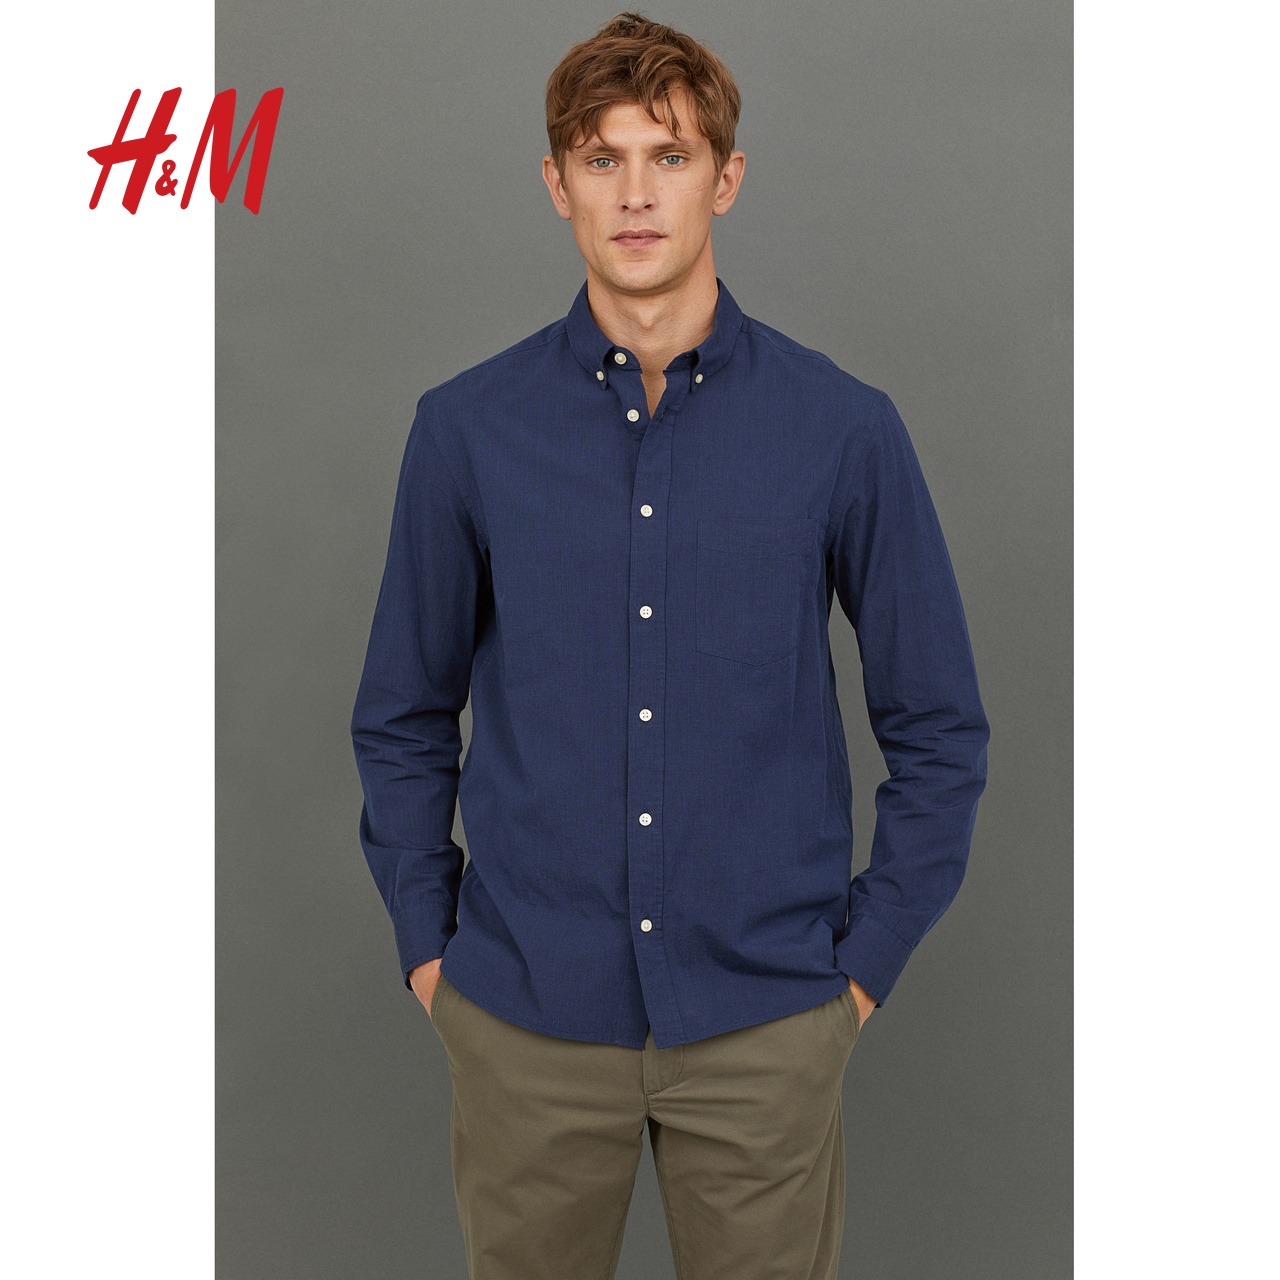 H&M 0560030 男士长袖衬衫